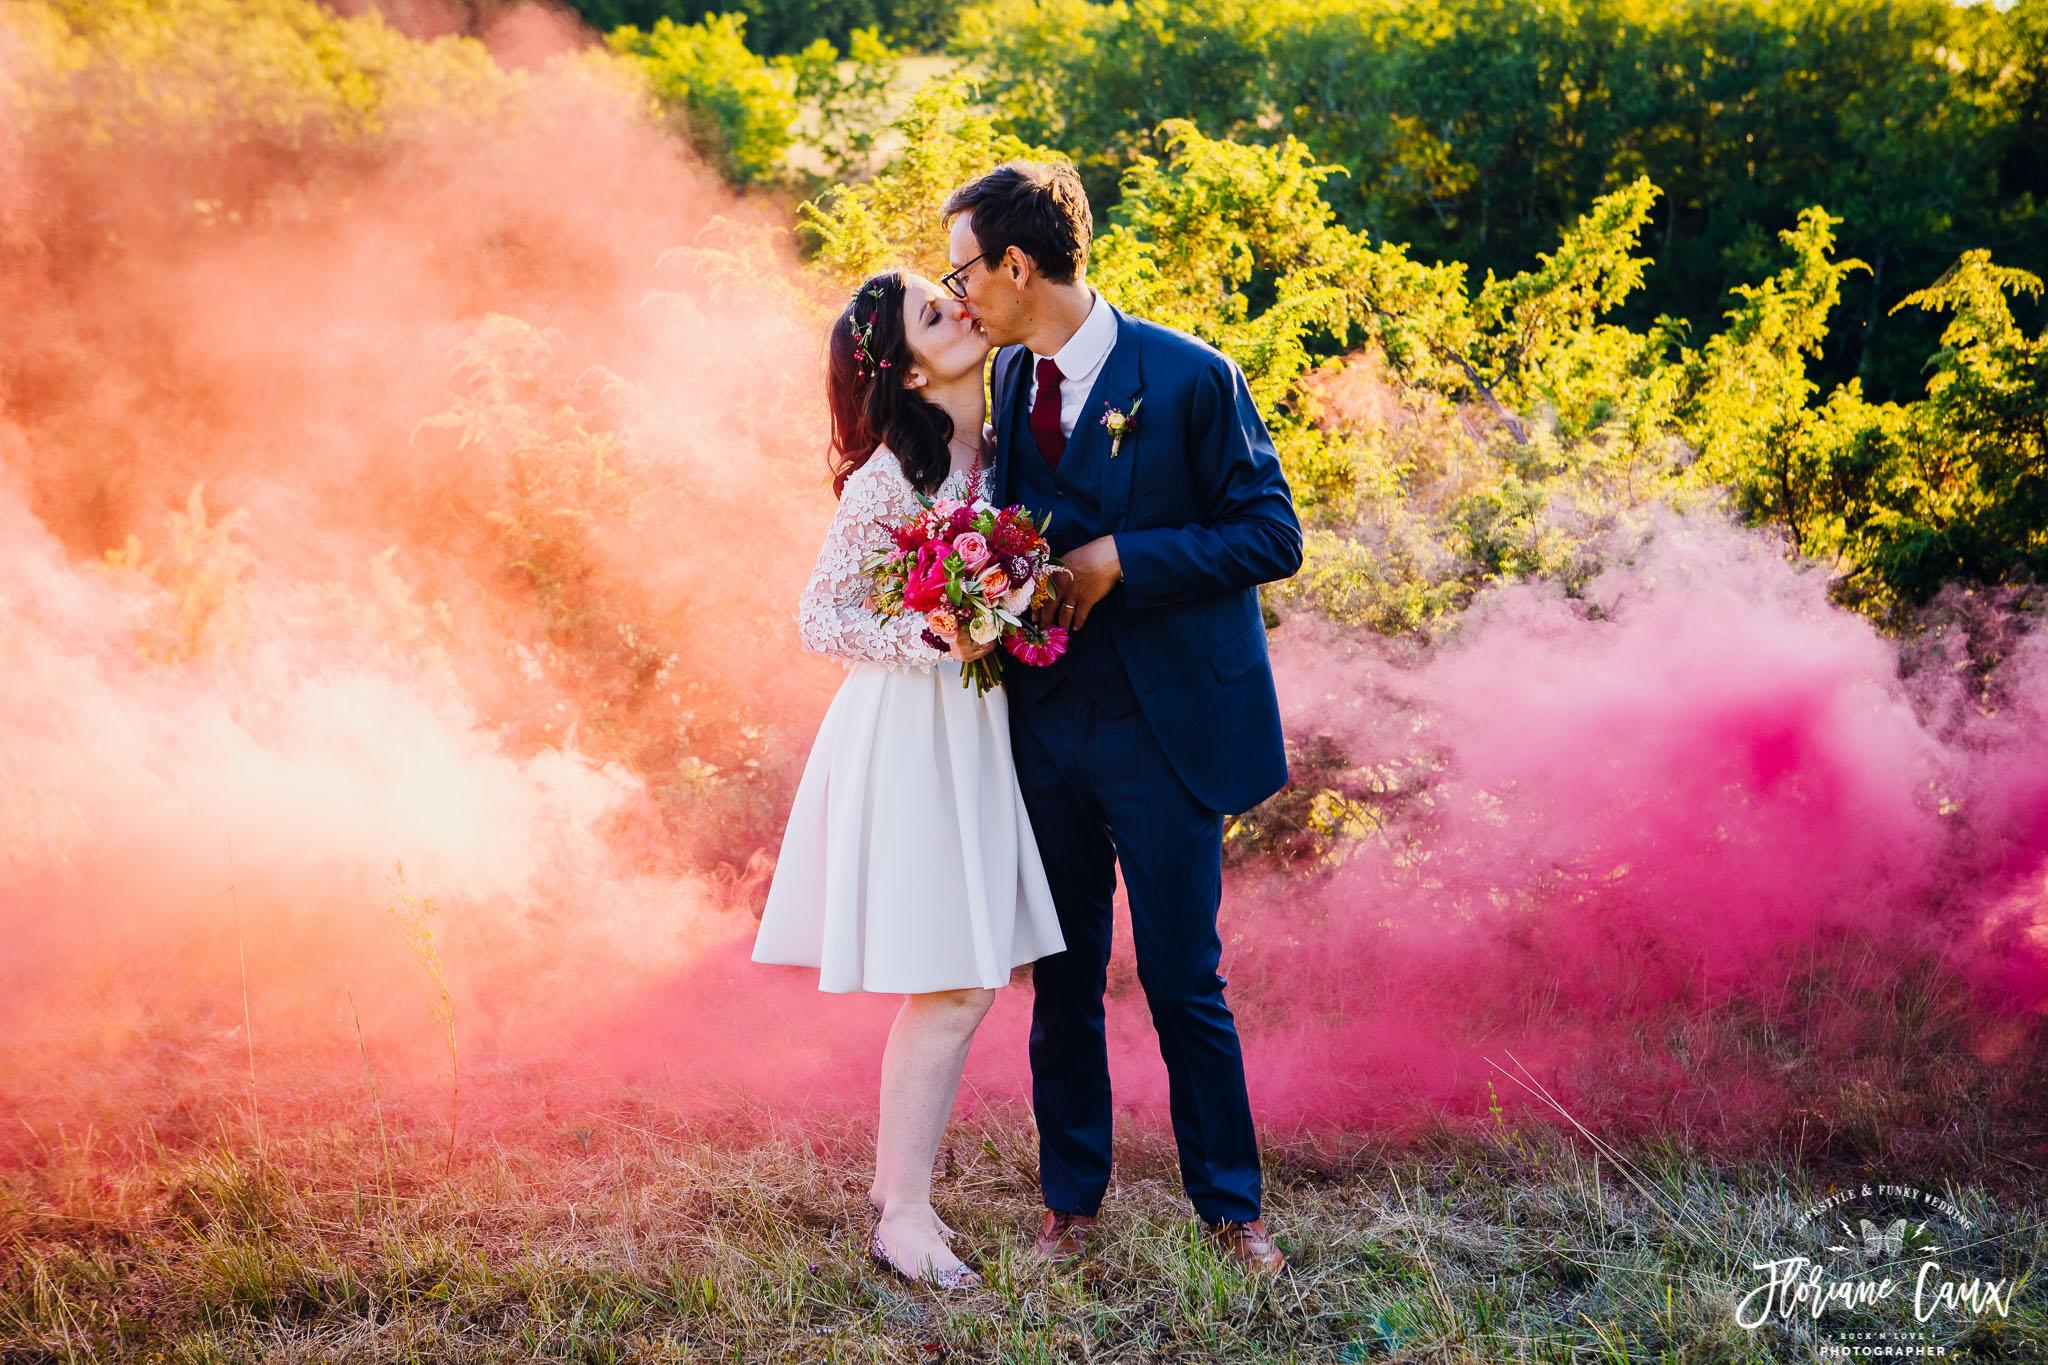 photographe-mariage-funky-licorne-fumigenes-badass-10